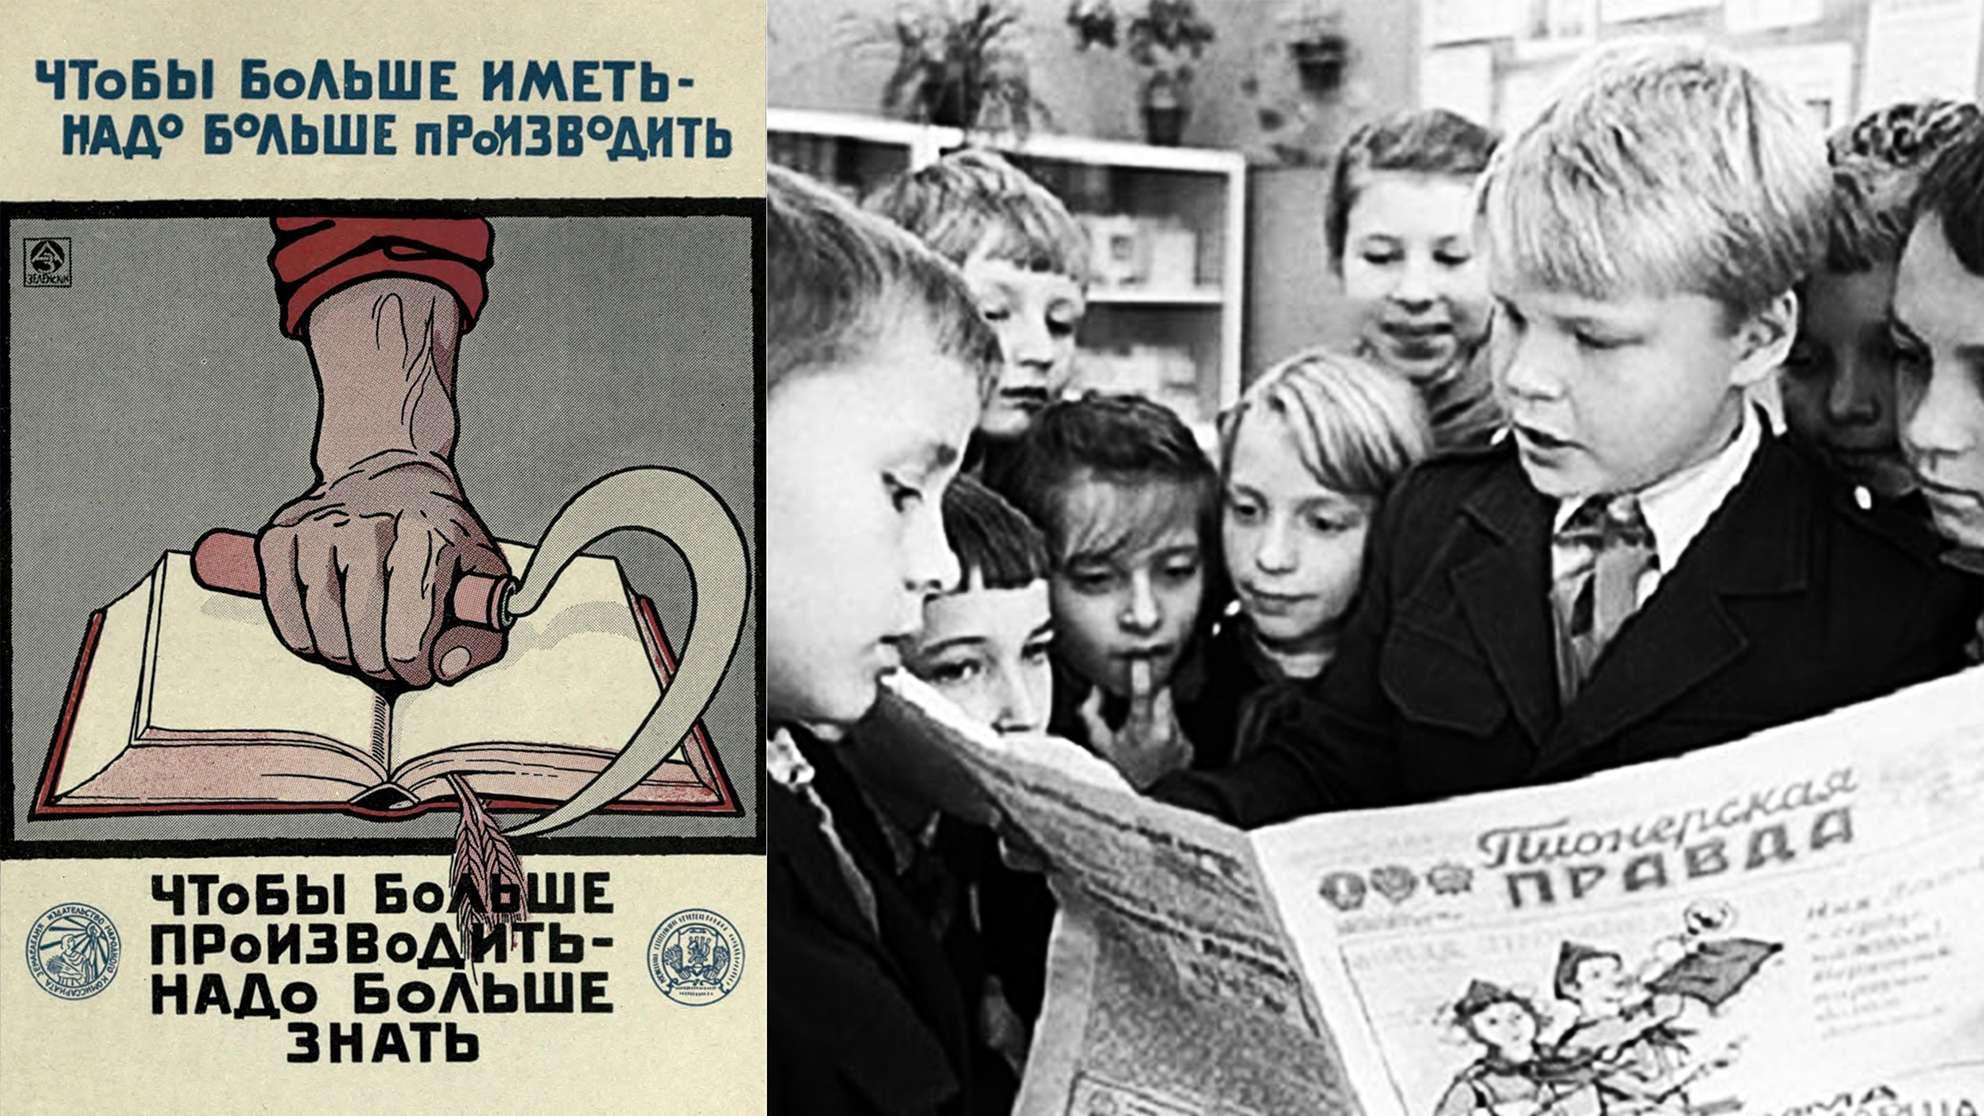 τον σοσιαλισμό για τα ευτυχισμένα παιδικά μας χρόνια